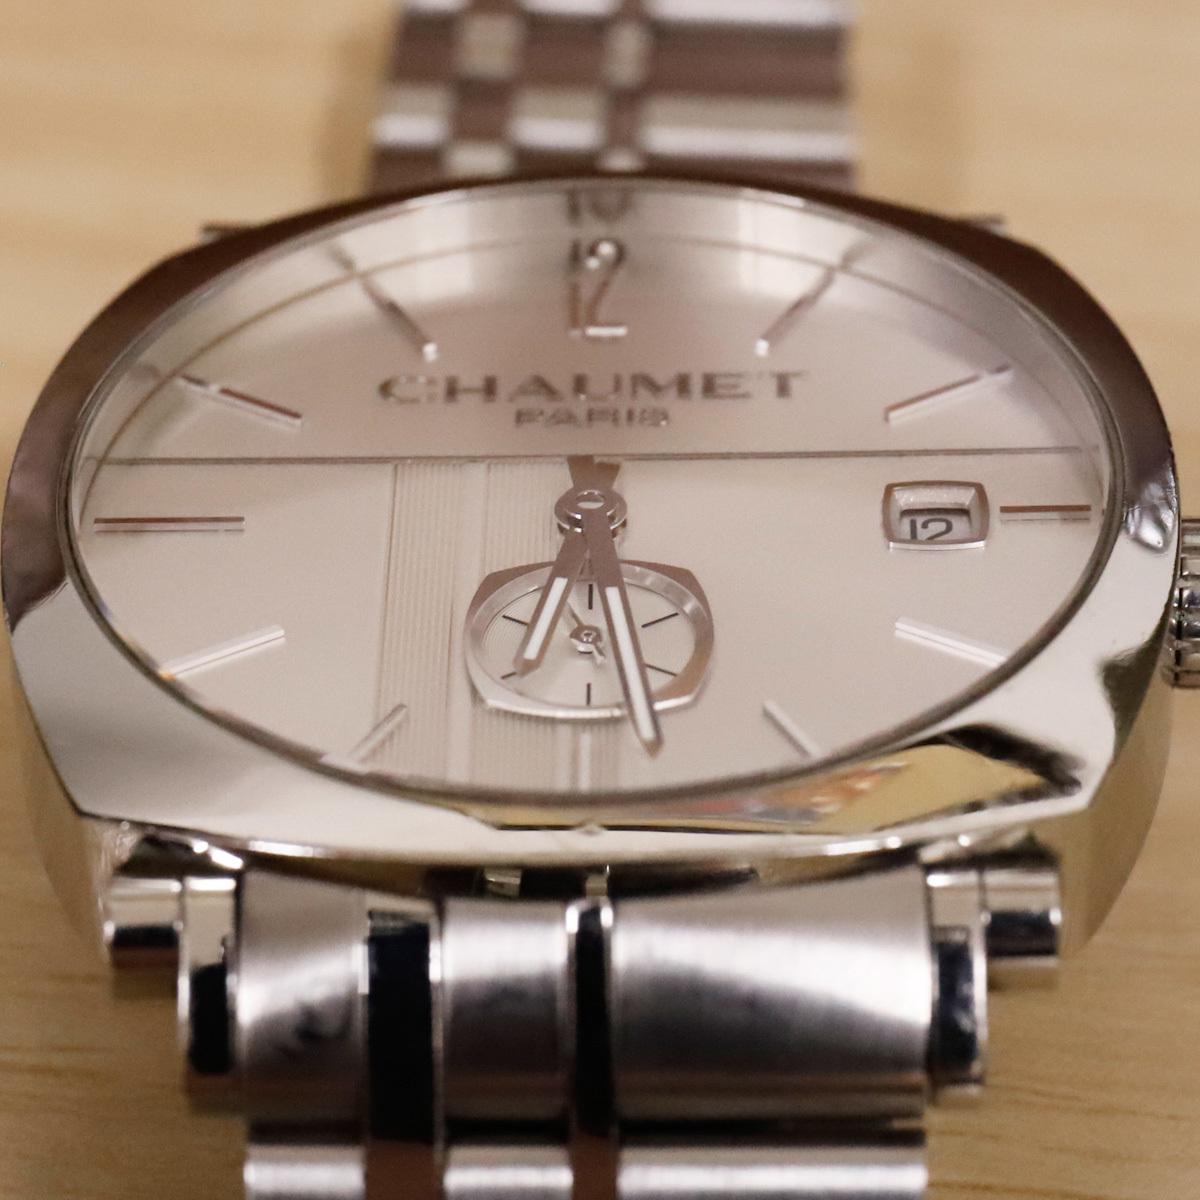 本物 ショーメ 自動巻 ダンディ オートマチック メンズ 純正メタルブレスレットモデル 機械式時計 スイス製 正規品 CHAUMET_画像3